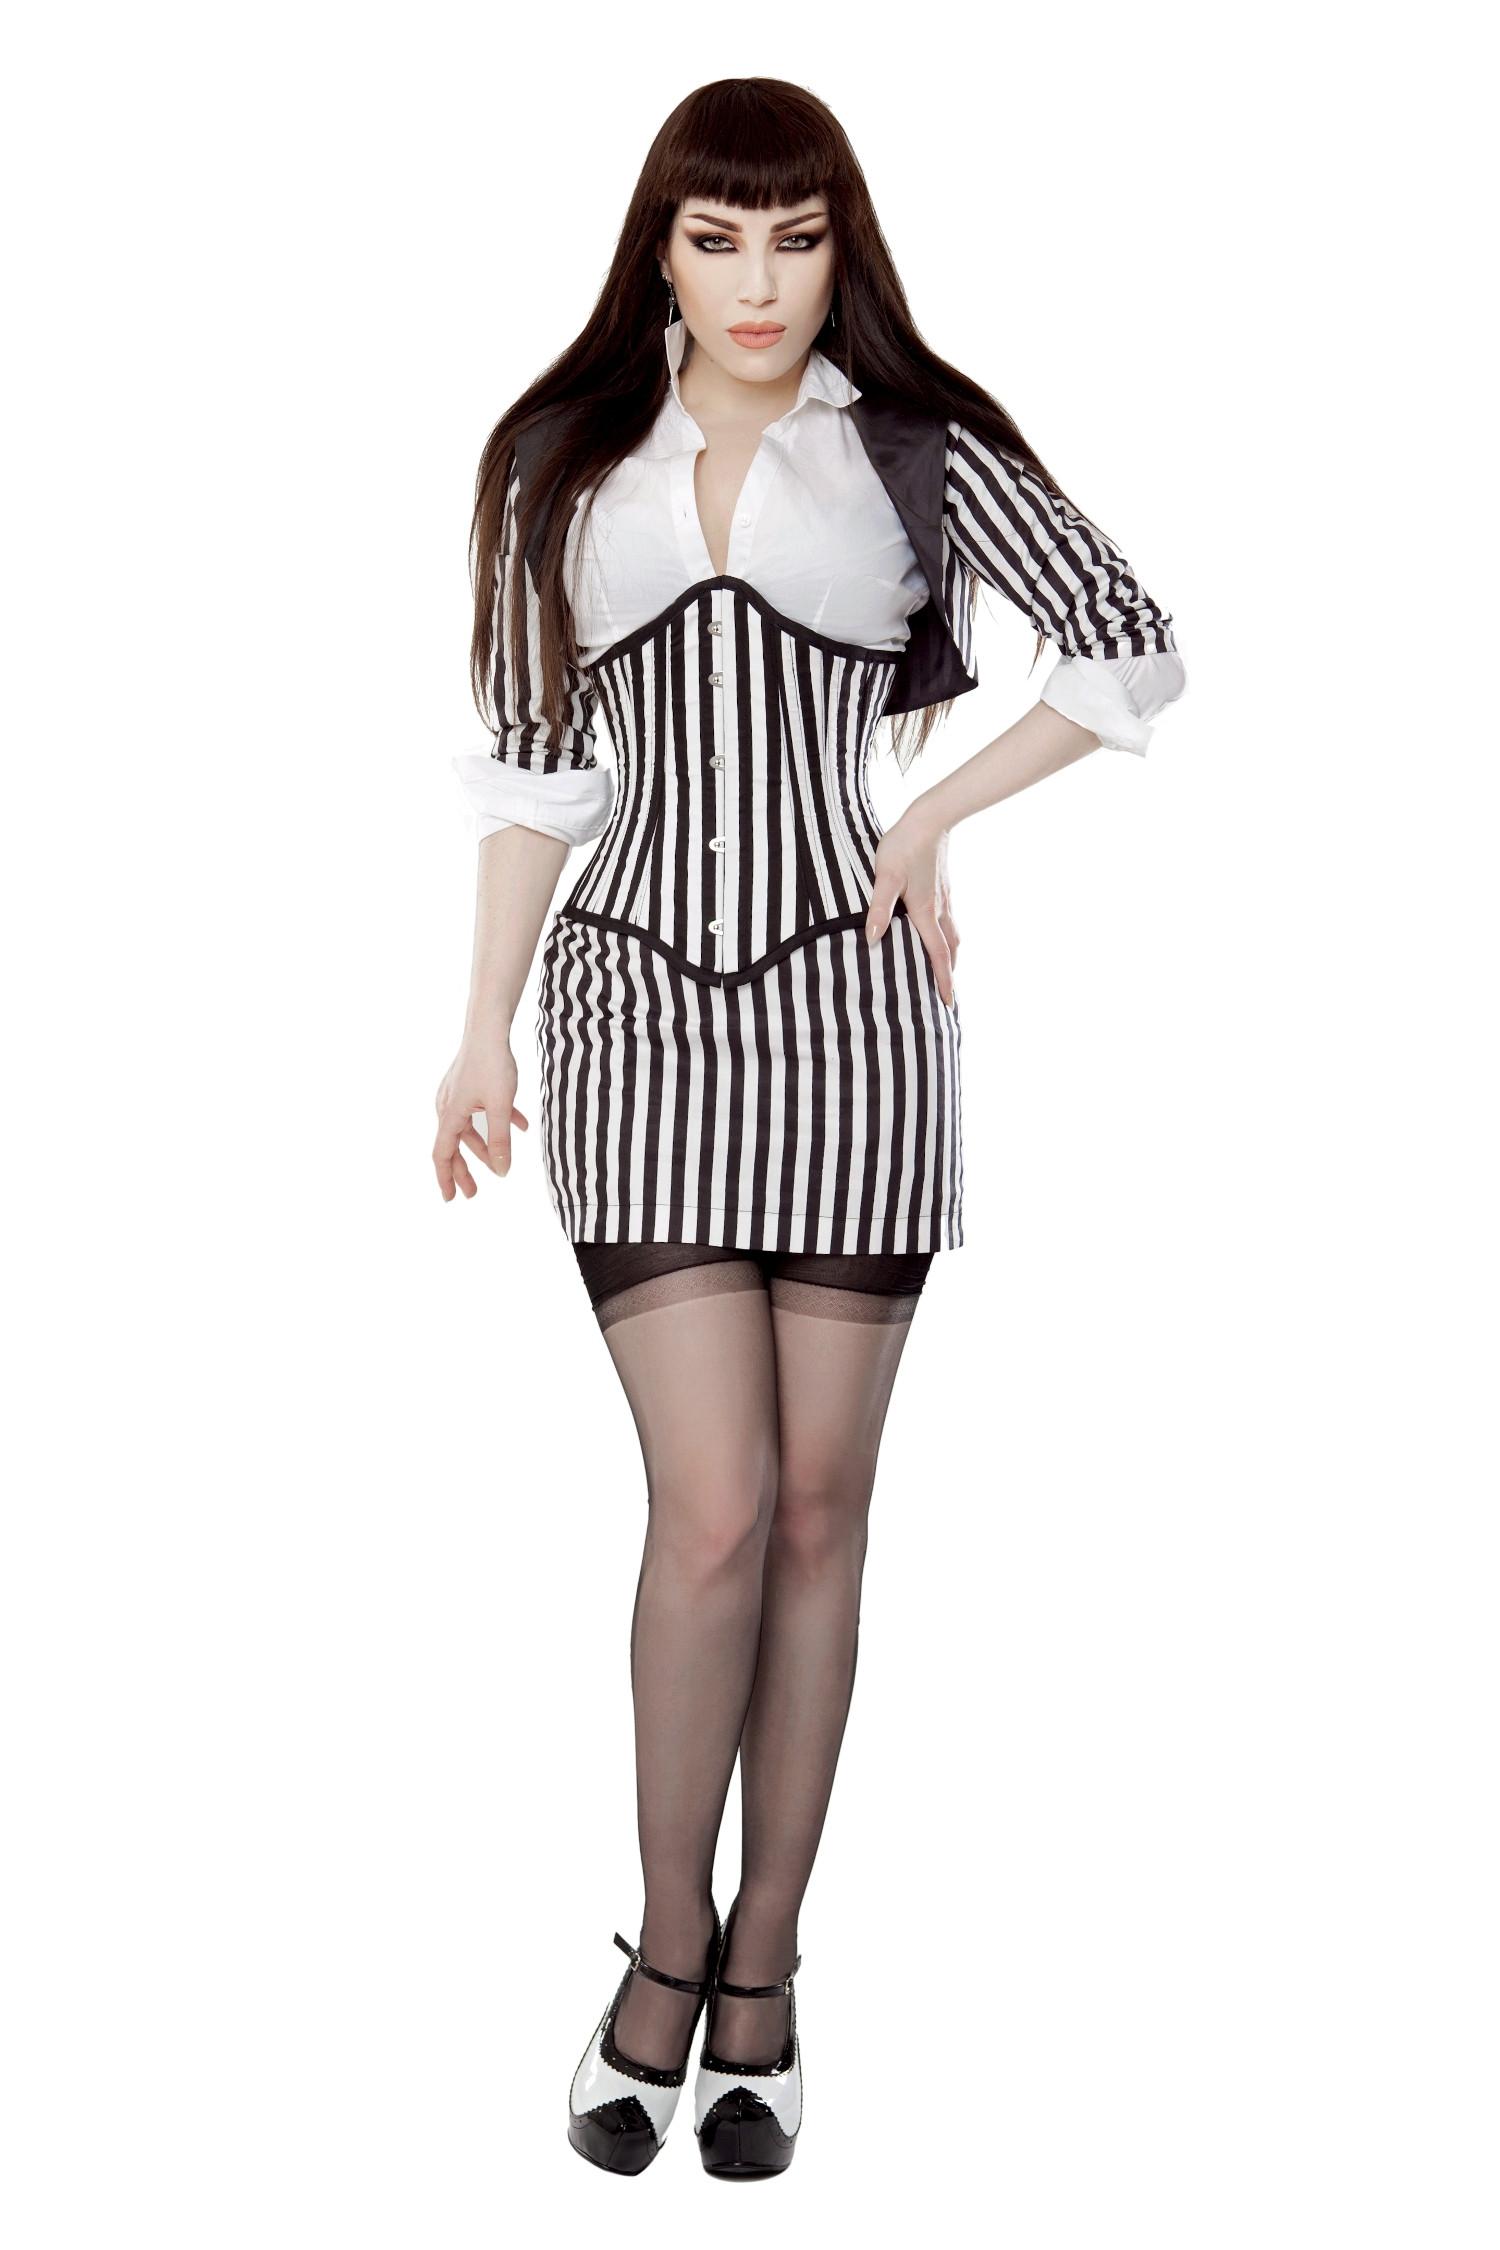 Playgirl Black & White Fitted Bolero Shrug Top